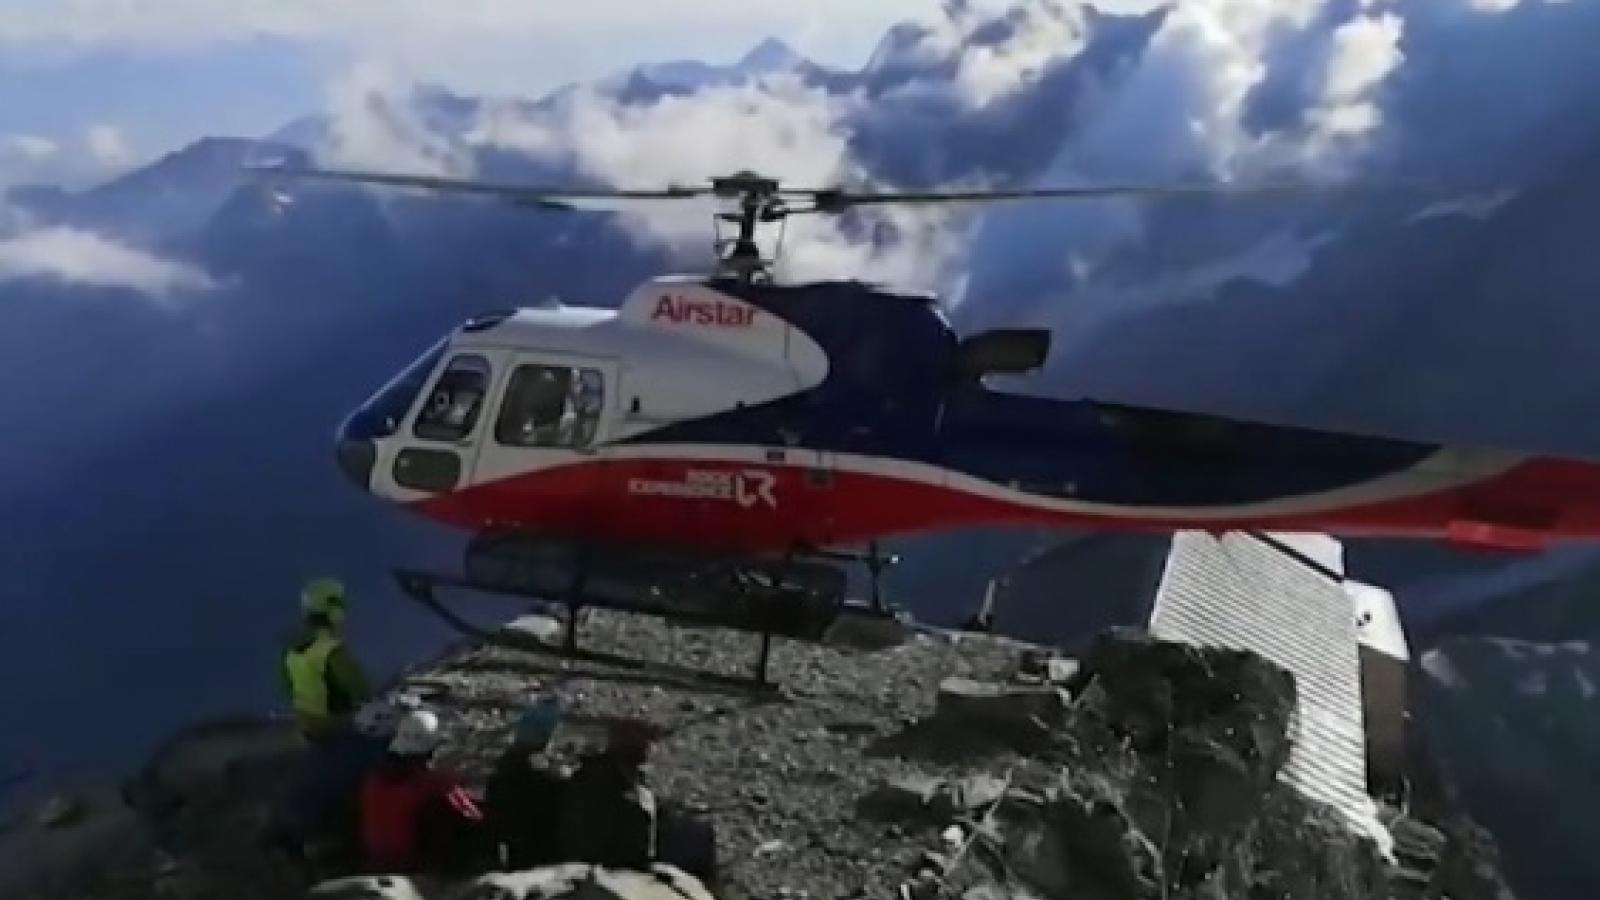 Trực thăng hạ cánh trên đỉnh núi Alps cứu hộ người bị kẹt do lở đất